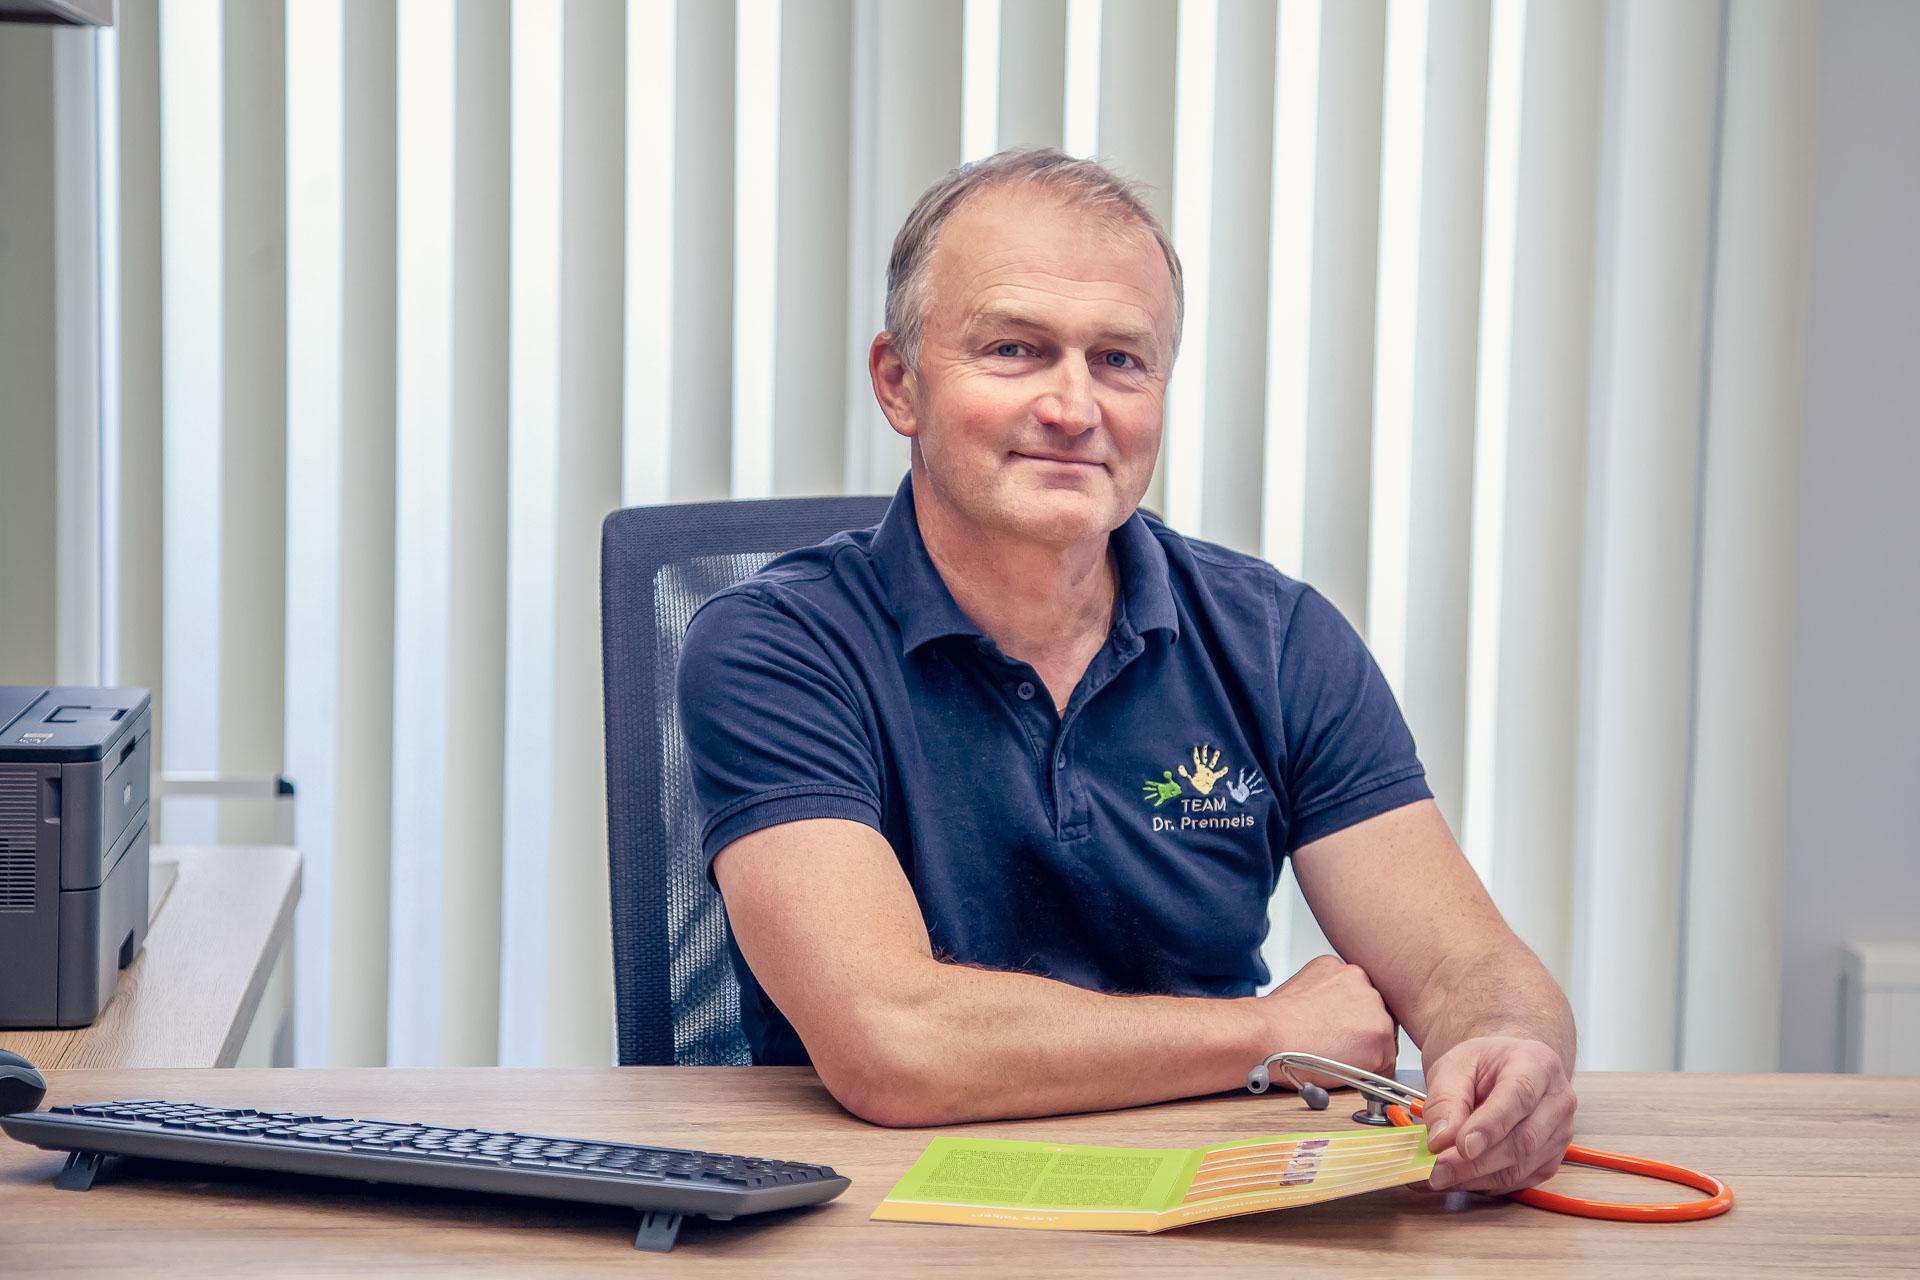 Dr. Christoph Prenneis